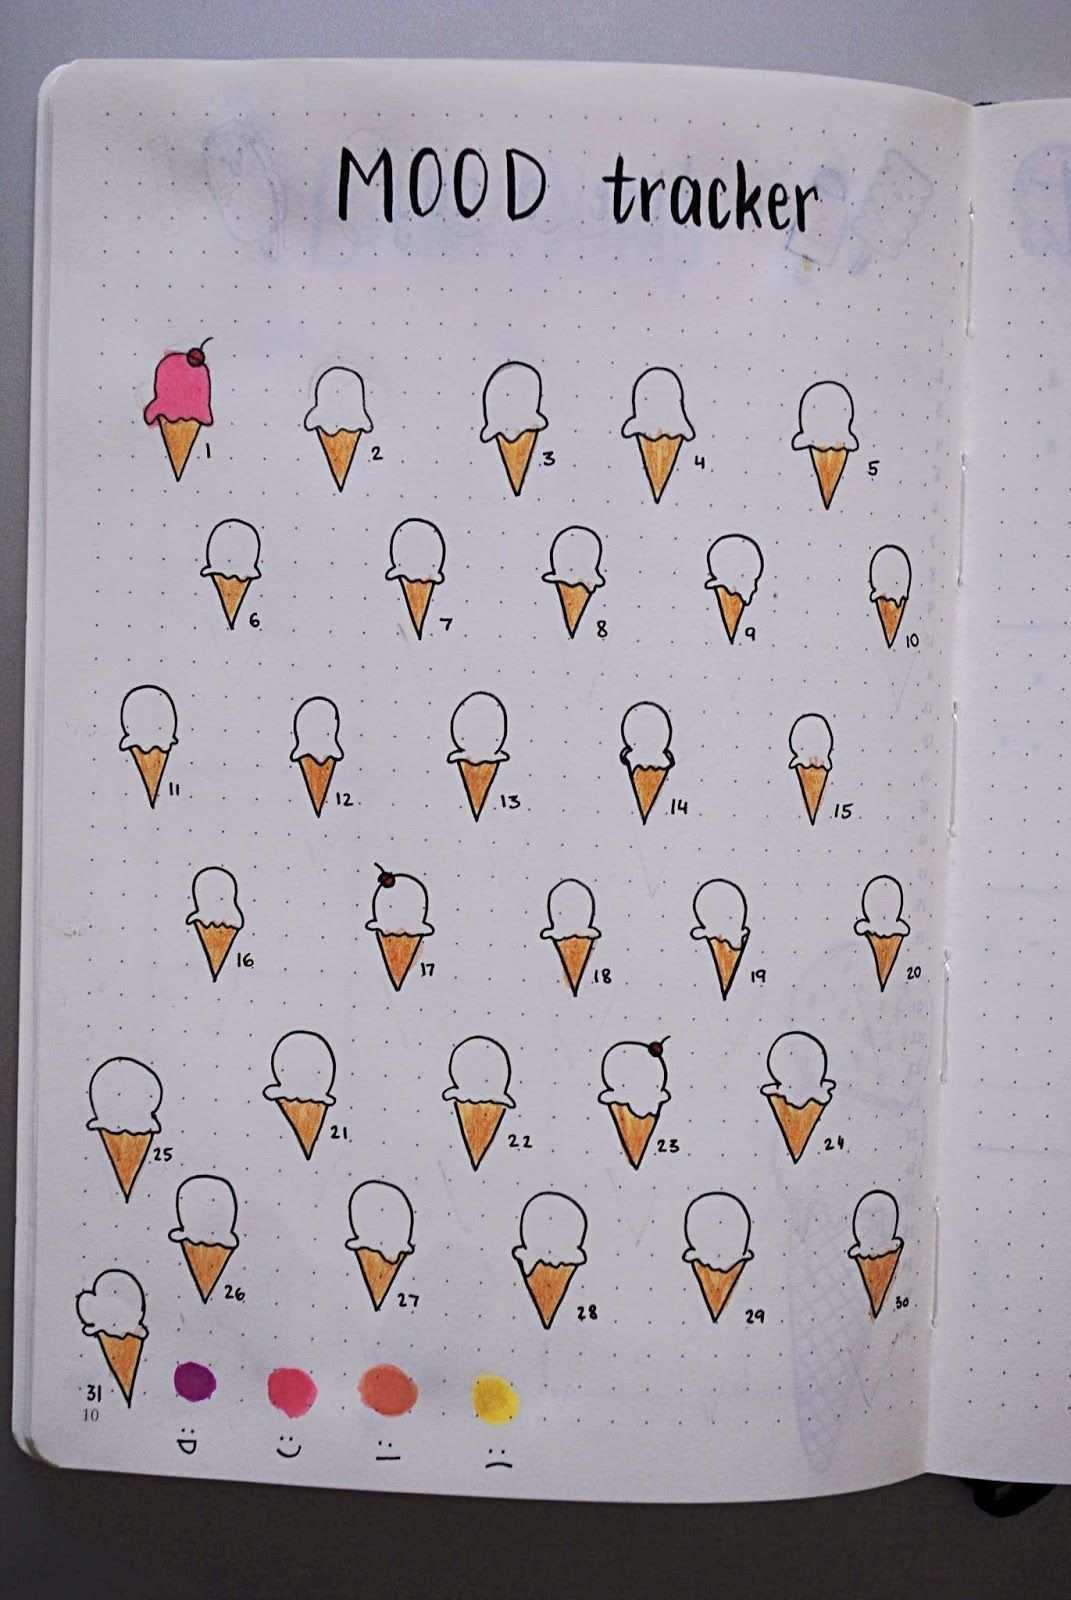 30 Beste August Mood Tracker Ideen Fur Bullet Journals August Wall In 2020 Bullet Journal Ideen Bullet Journal Bullet Journal Tracker